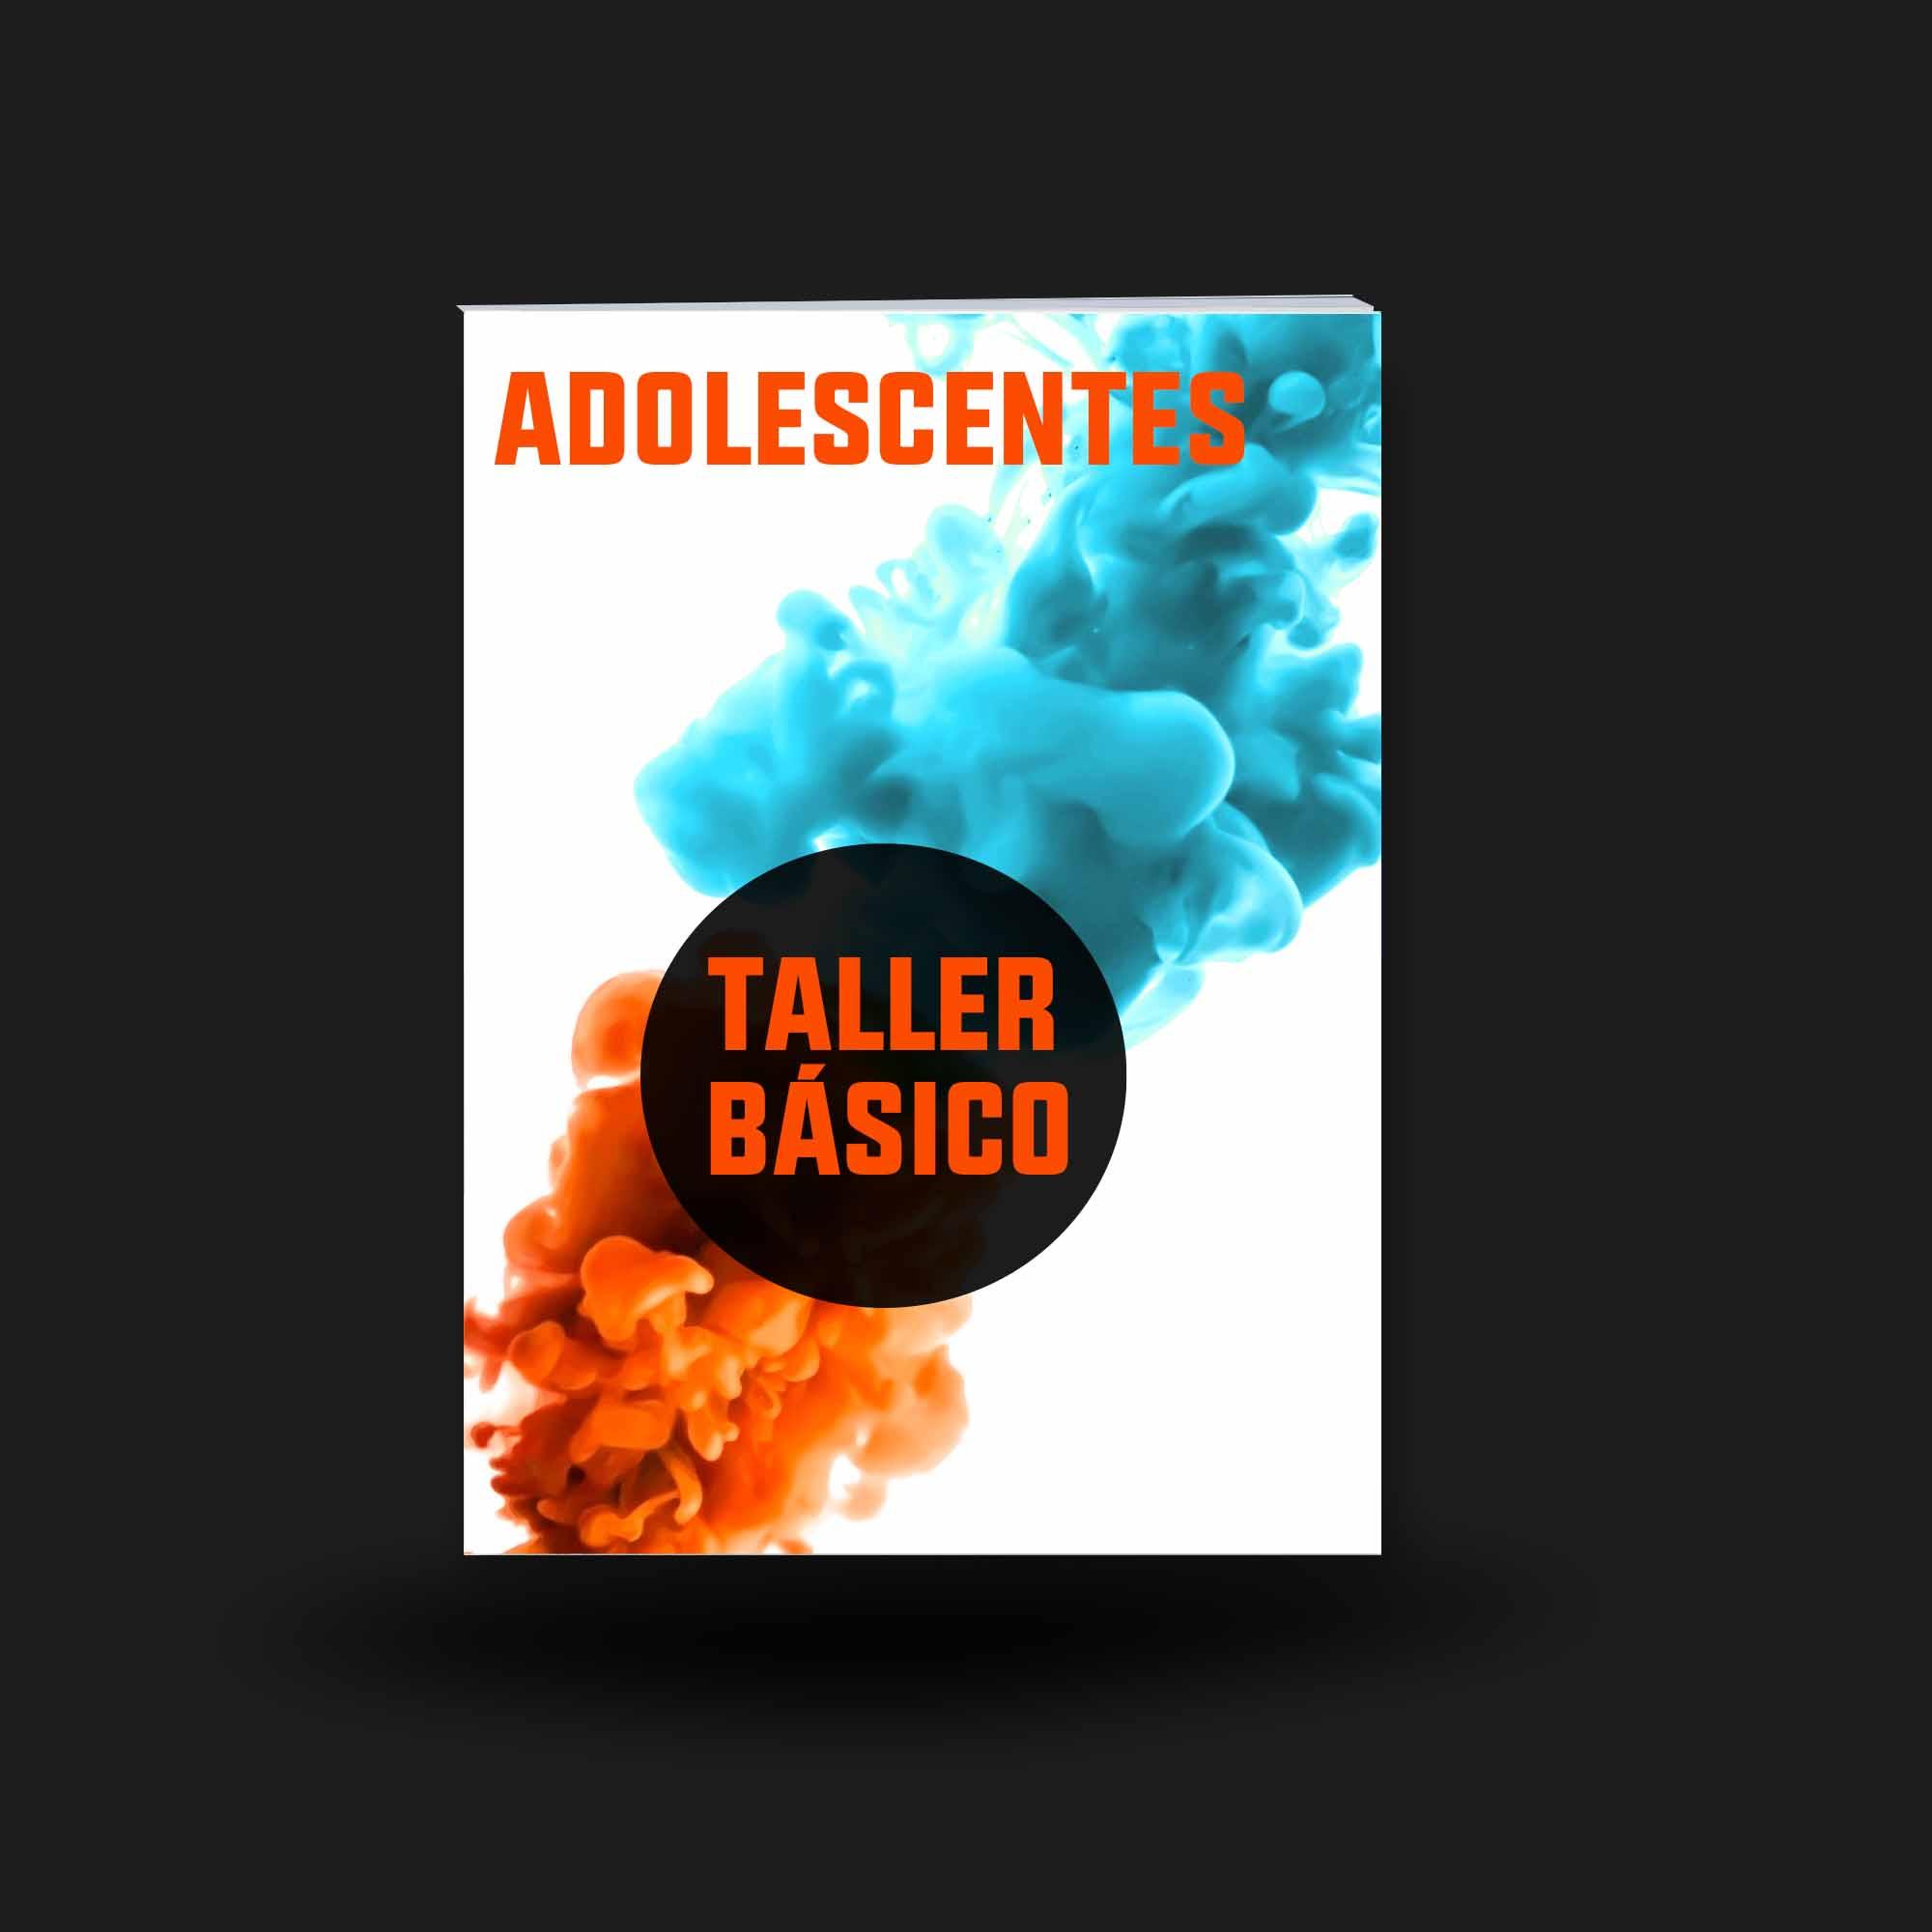 Adolescentes-Taller-basico